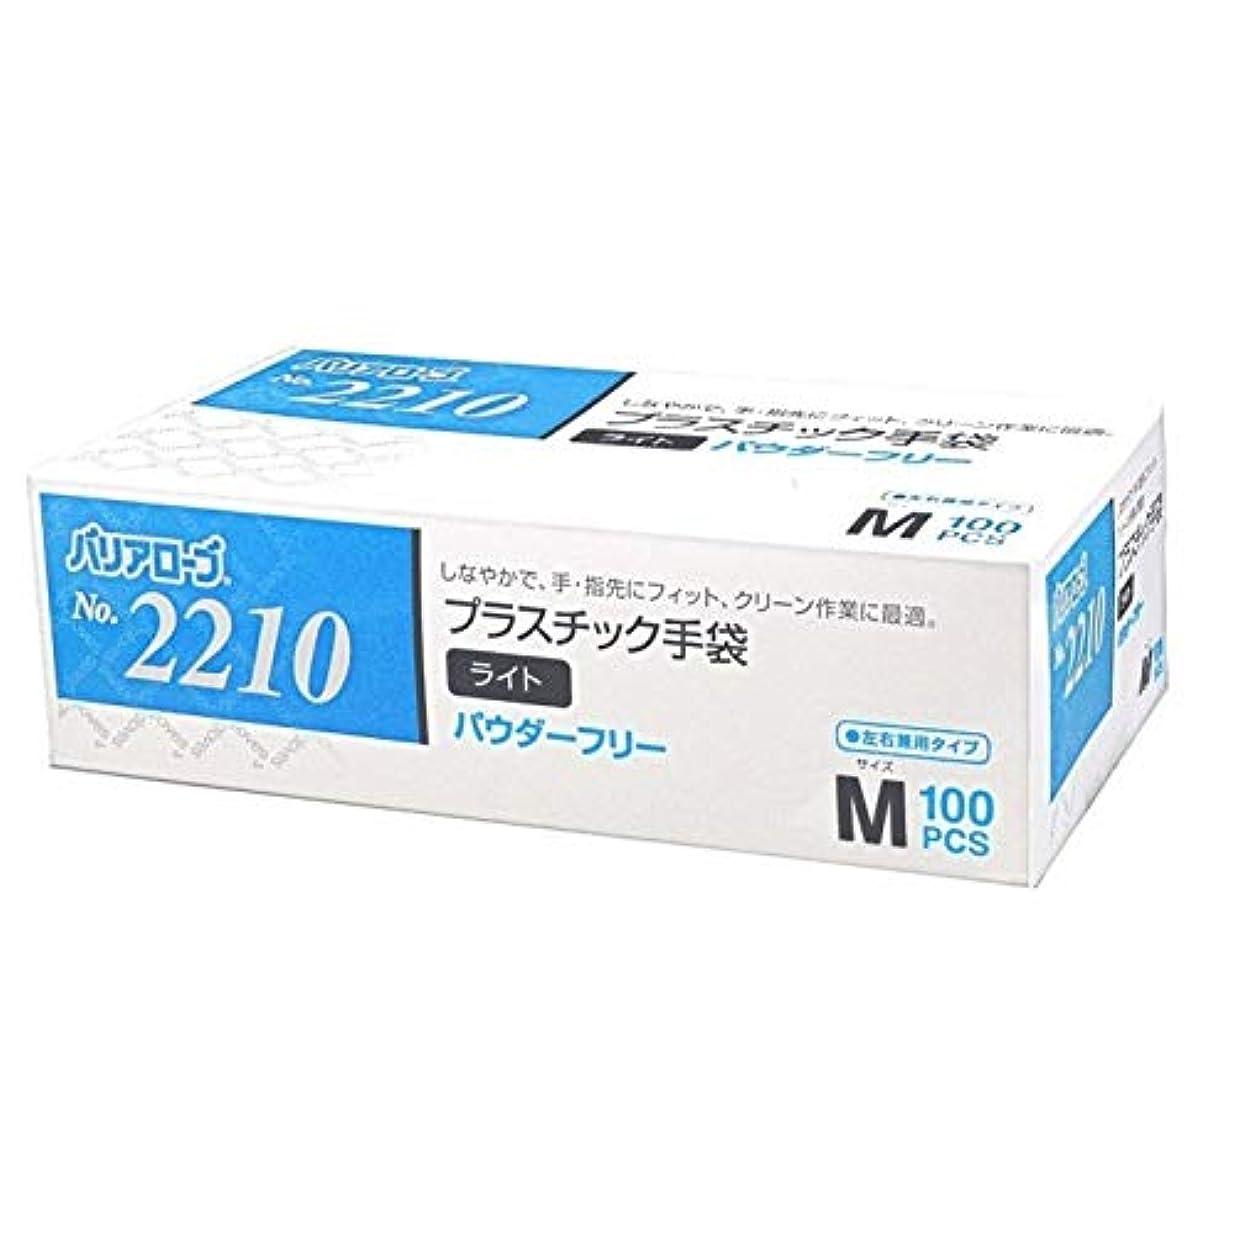 独裁描写ずっと【ケース販売】 バリアローブ №2210 プラスチック手袋 ライト (パウダーフリー) M 2000枚(100枚×20箱)